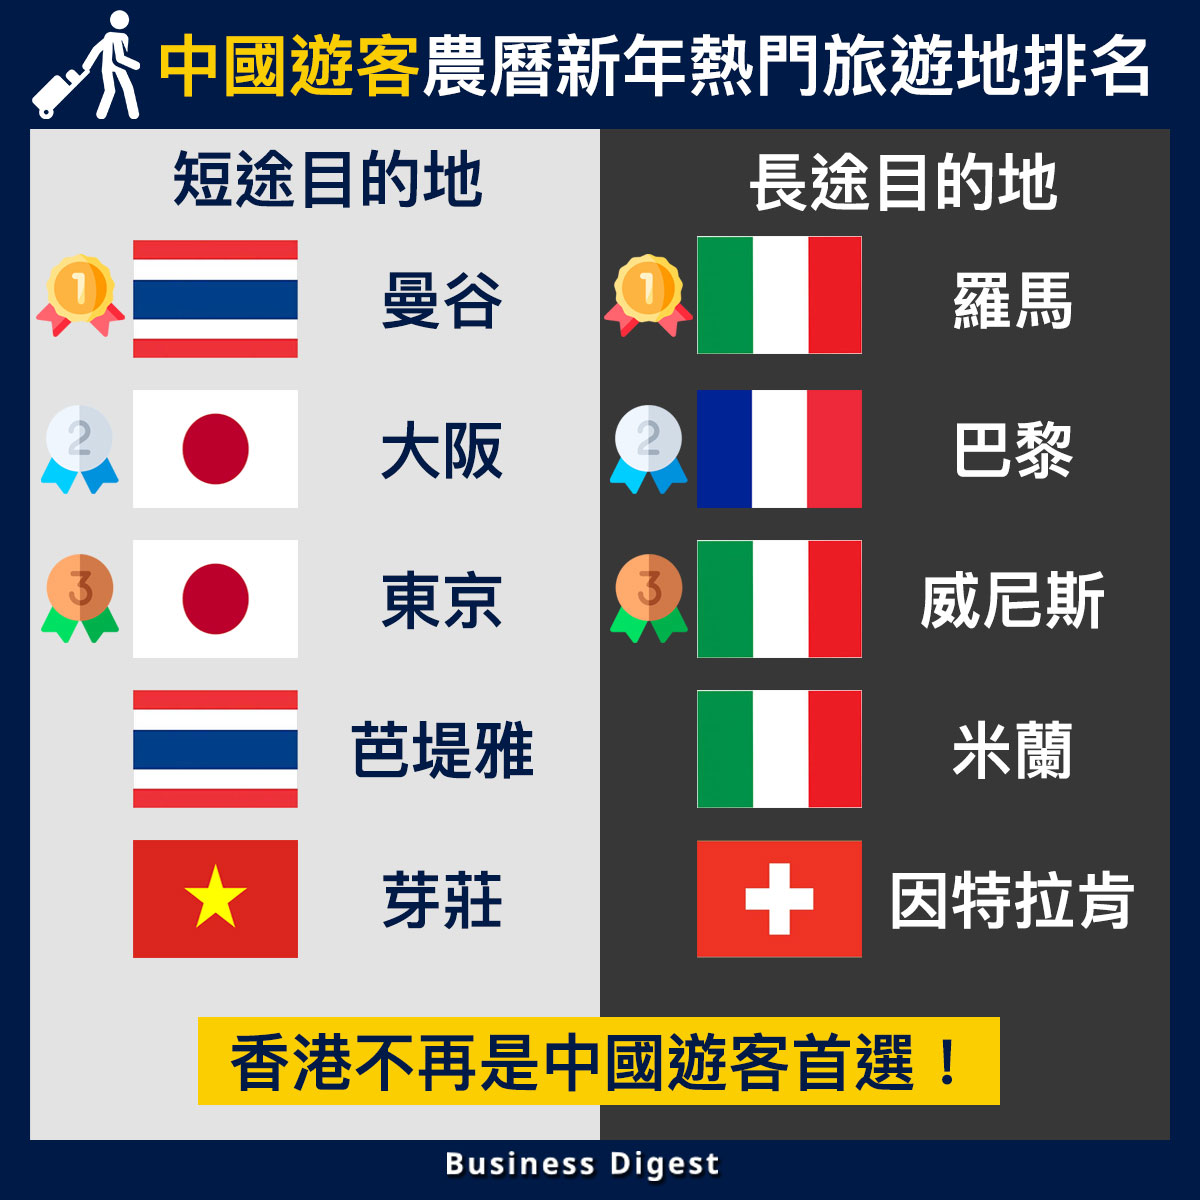 【從數據認識經濟】中國遊客農曆新年熱門旅遊地排名,香港不再是中國遊客首選!